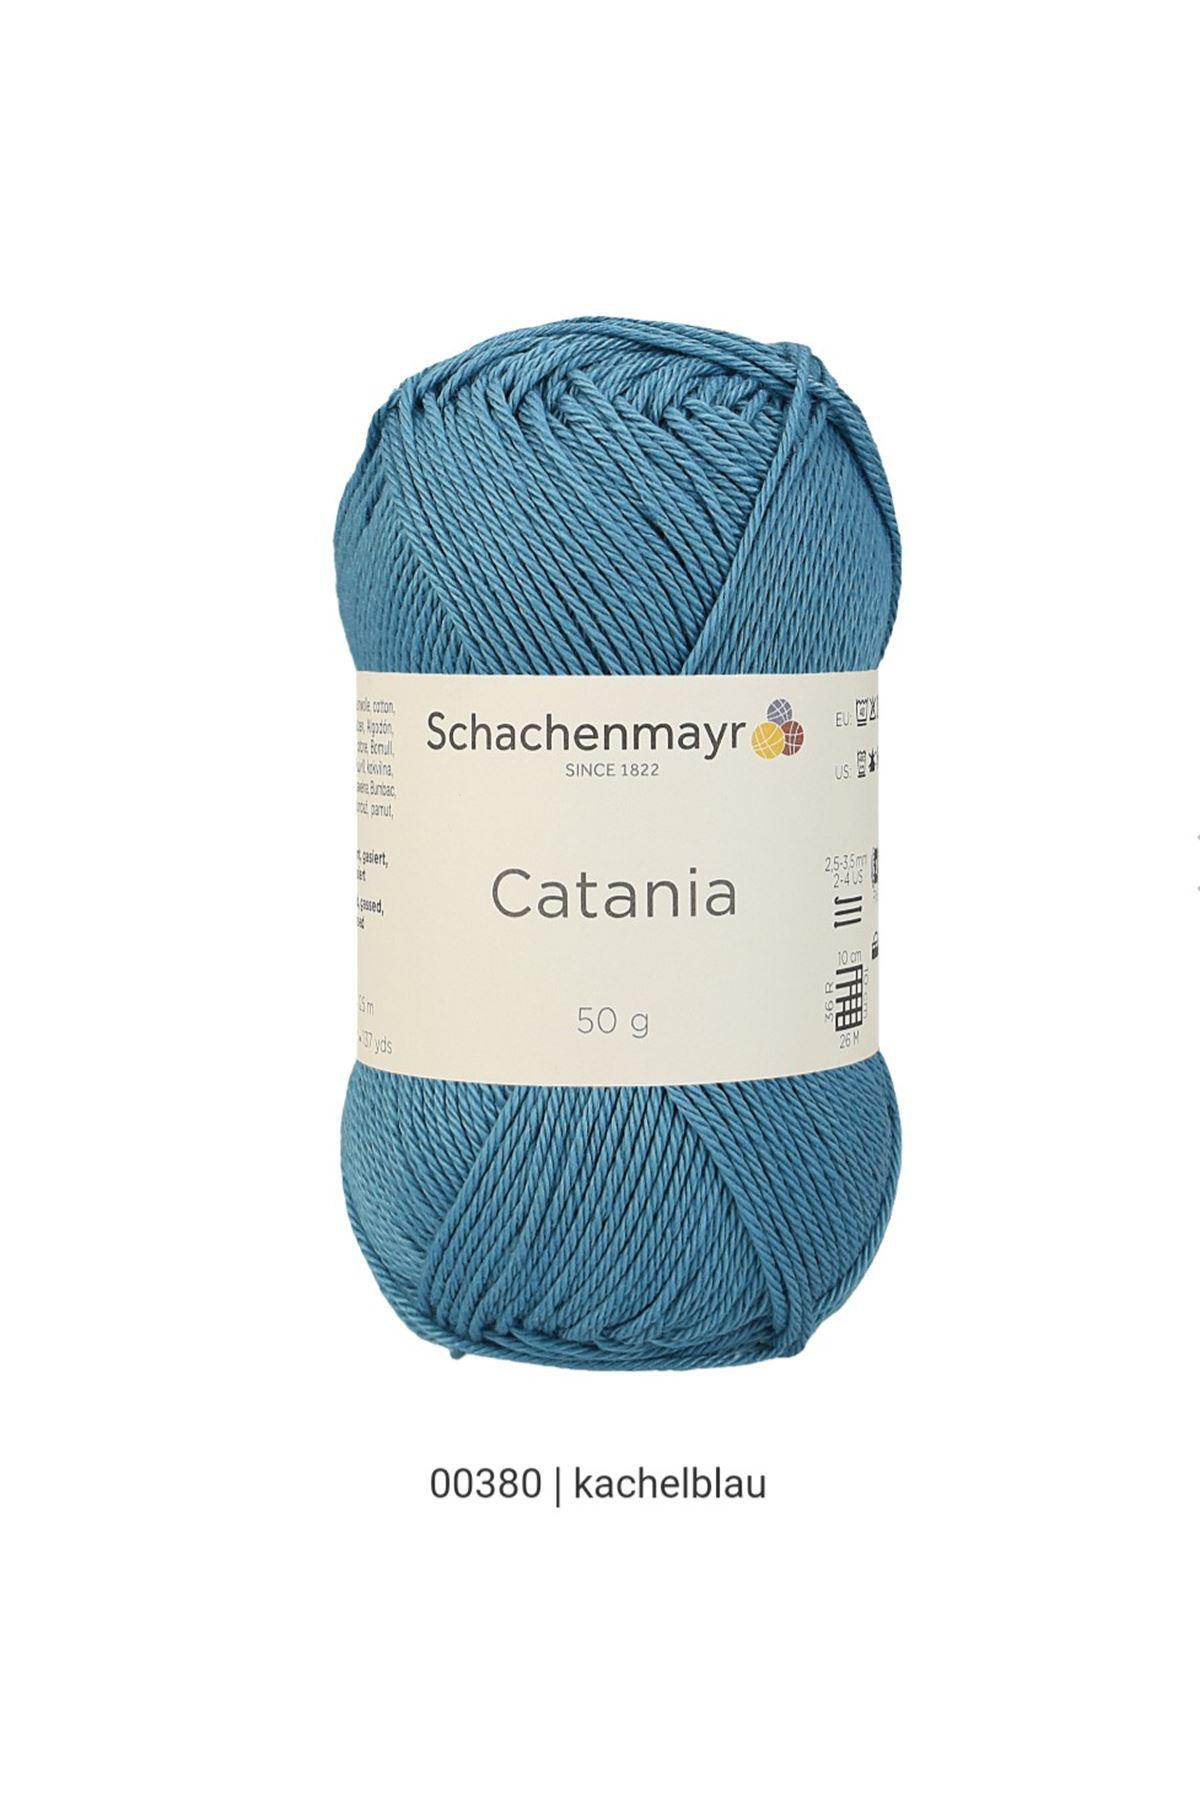 SMC Catania 50g 00380 Kachelblau Camgöbeği